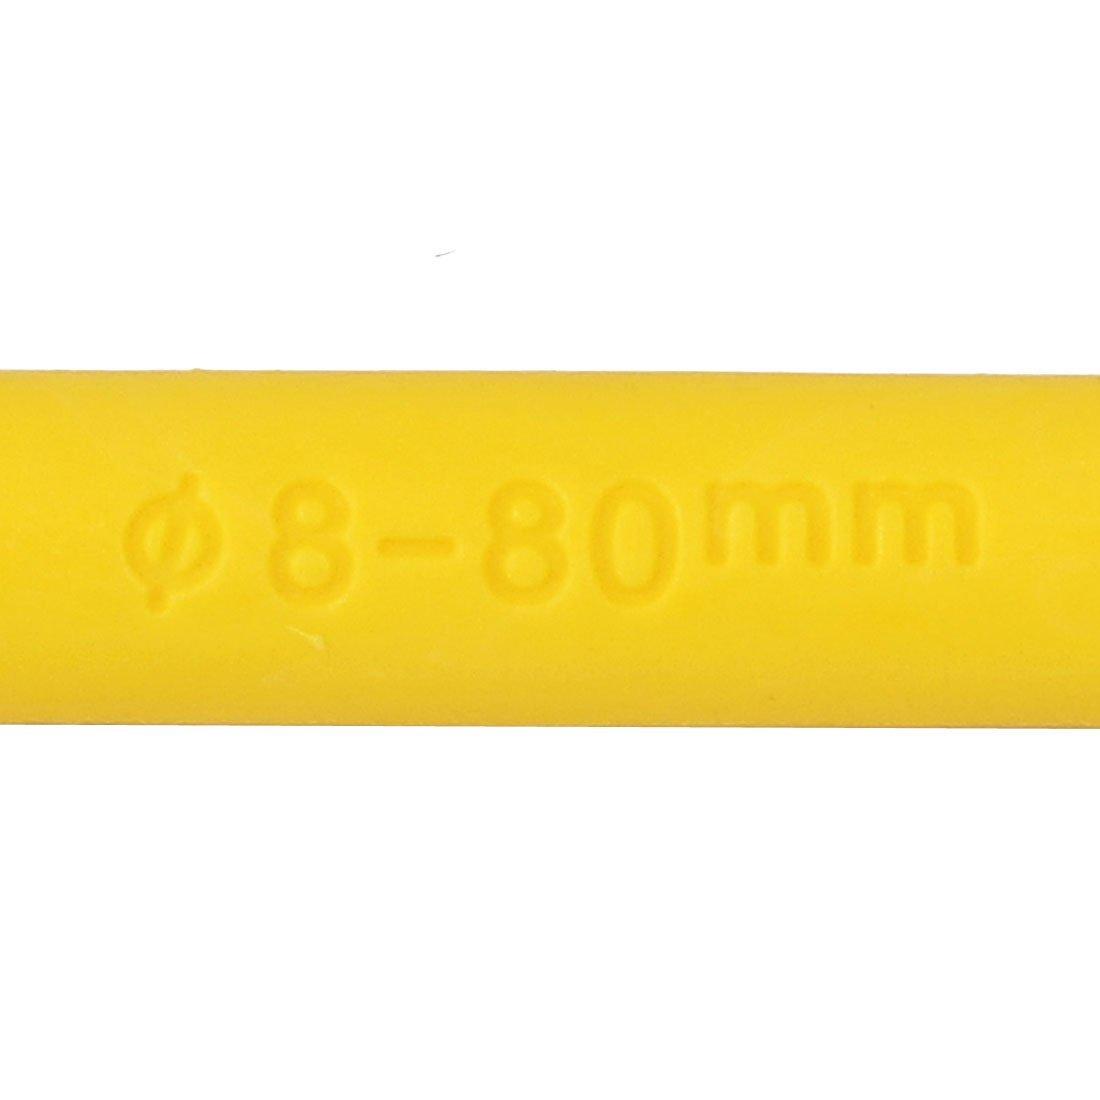 eDealMax 8mmx80mm Expansion Plastique paroi du tuyau d'ancrage à vis Jaune 50pcs